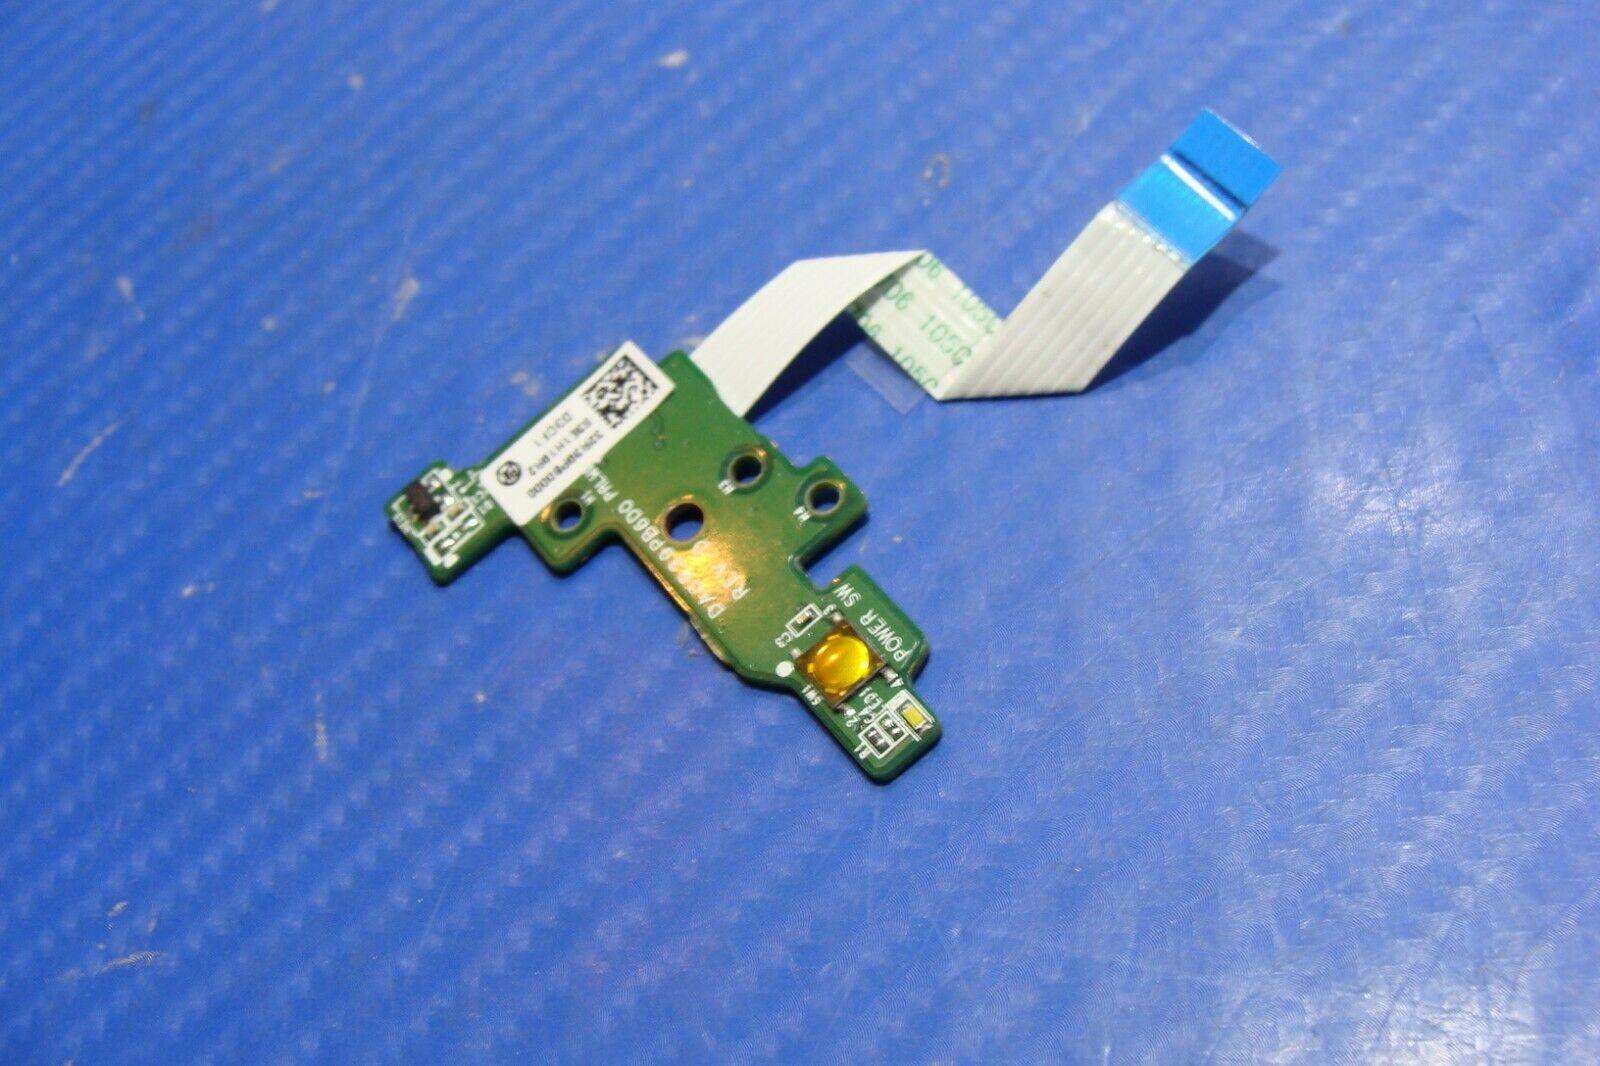 / Kablo w beygir G4-2000 G6-2000 G7-2000 Serisi, P / N DA0R39PB6D0 32R39PB0000 Güç Düğmesi Kurulu için